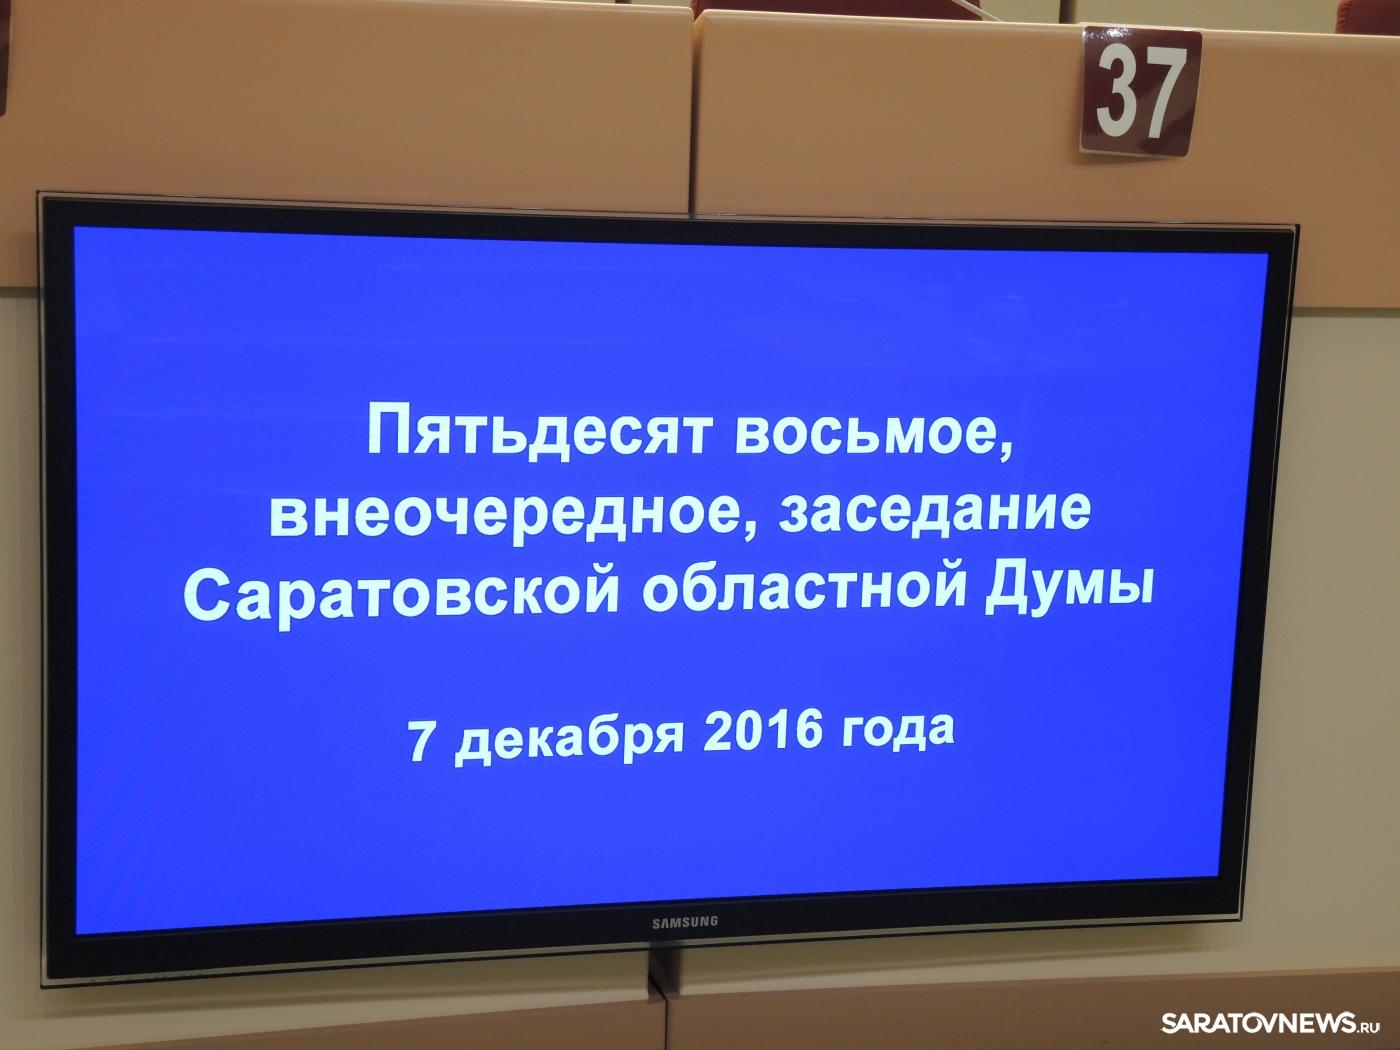 58-е внеочередное заседание Саратовской областной думы